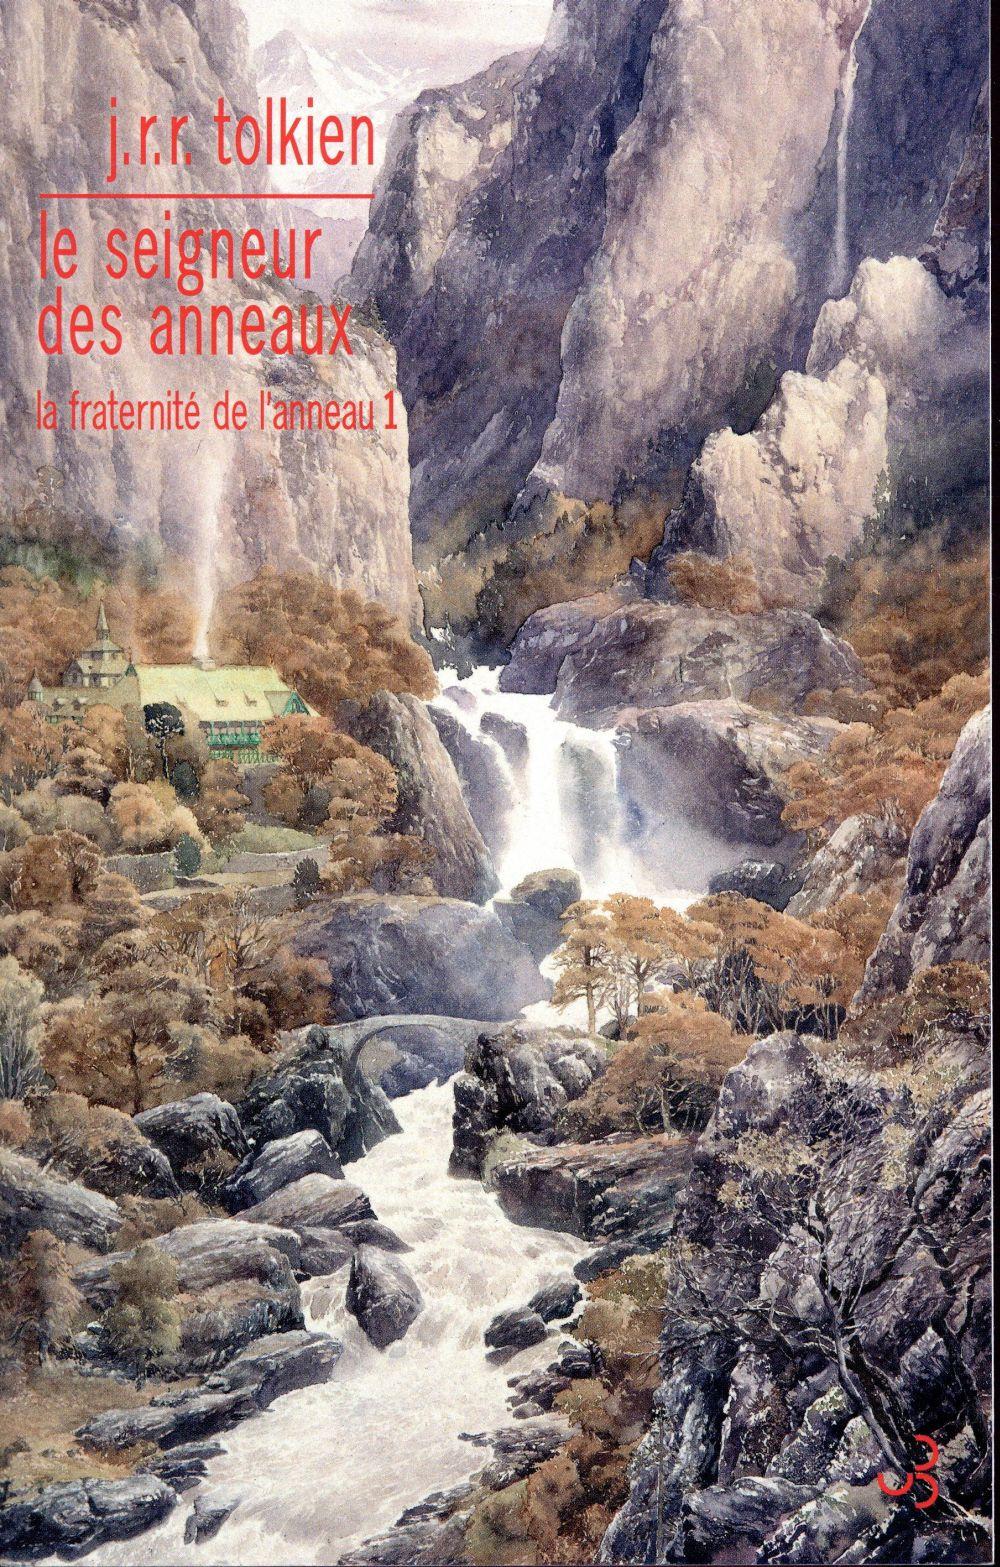 SEIGNEUR DES ANNEAUX 1 FRATERNITE DE L ANNE ED. ILL.